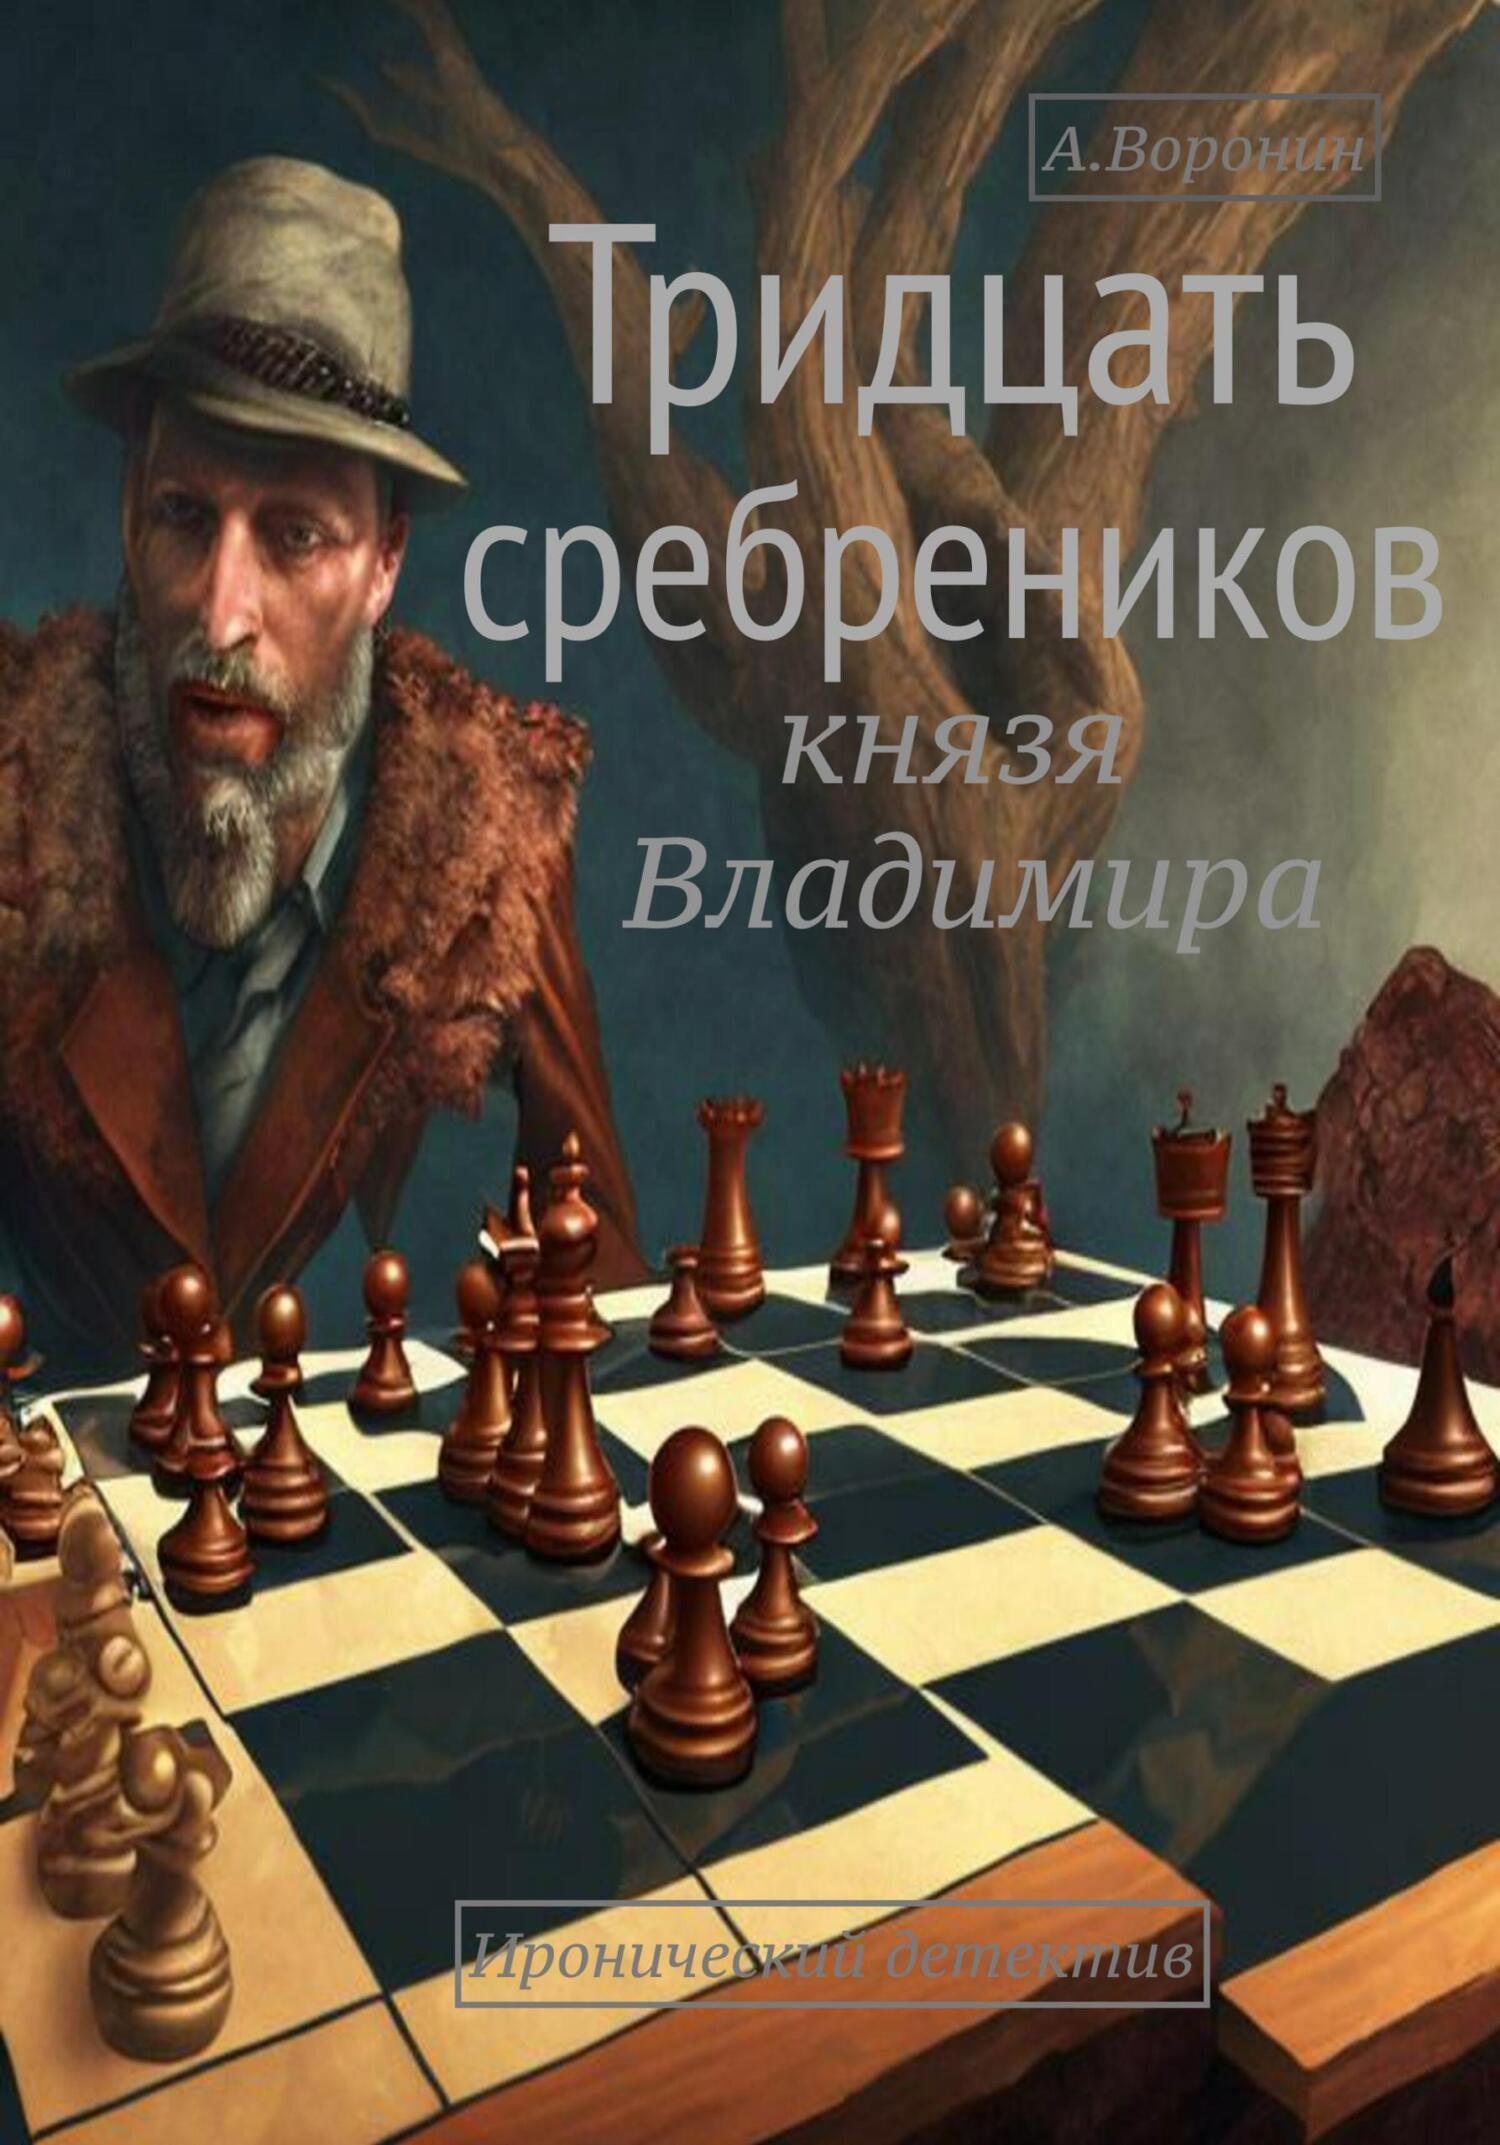 Тридцать сребреников князя Владимира